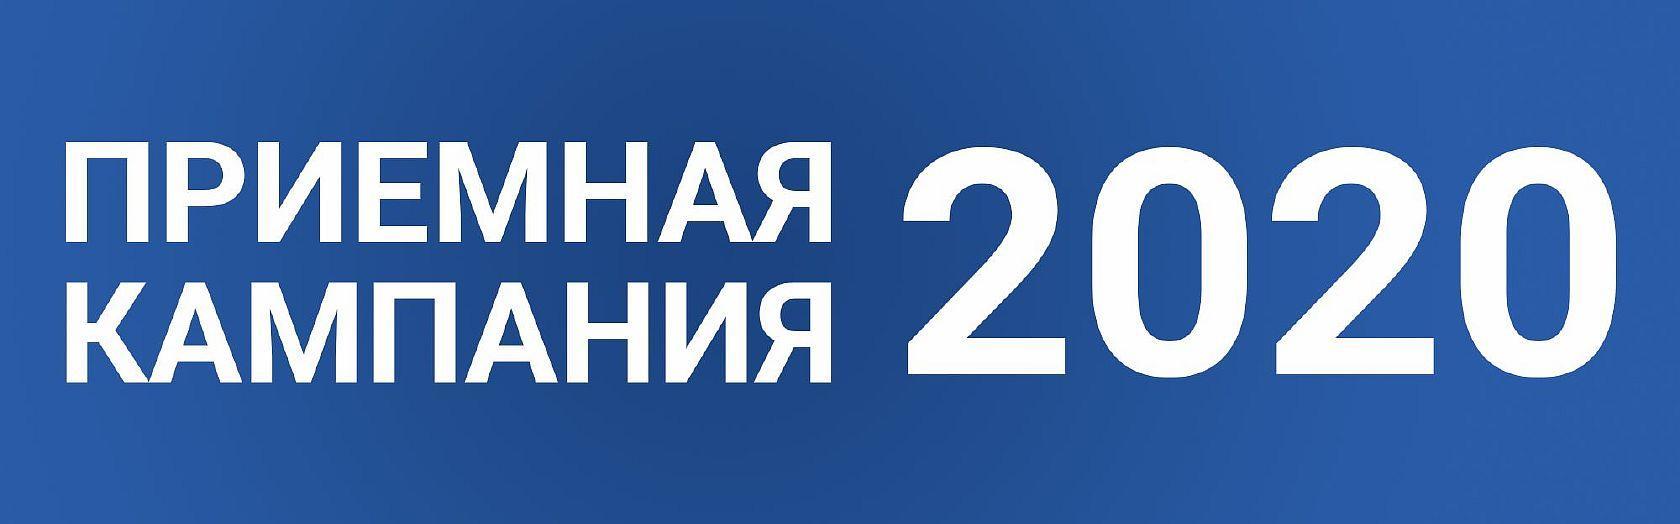 ПРИЕМНАЯ КАМПАНИЯ — 2021